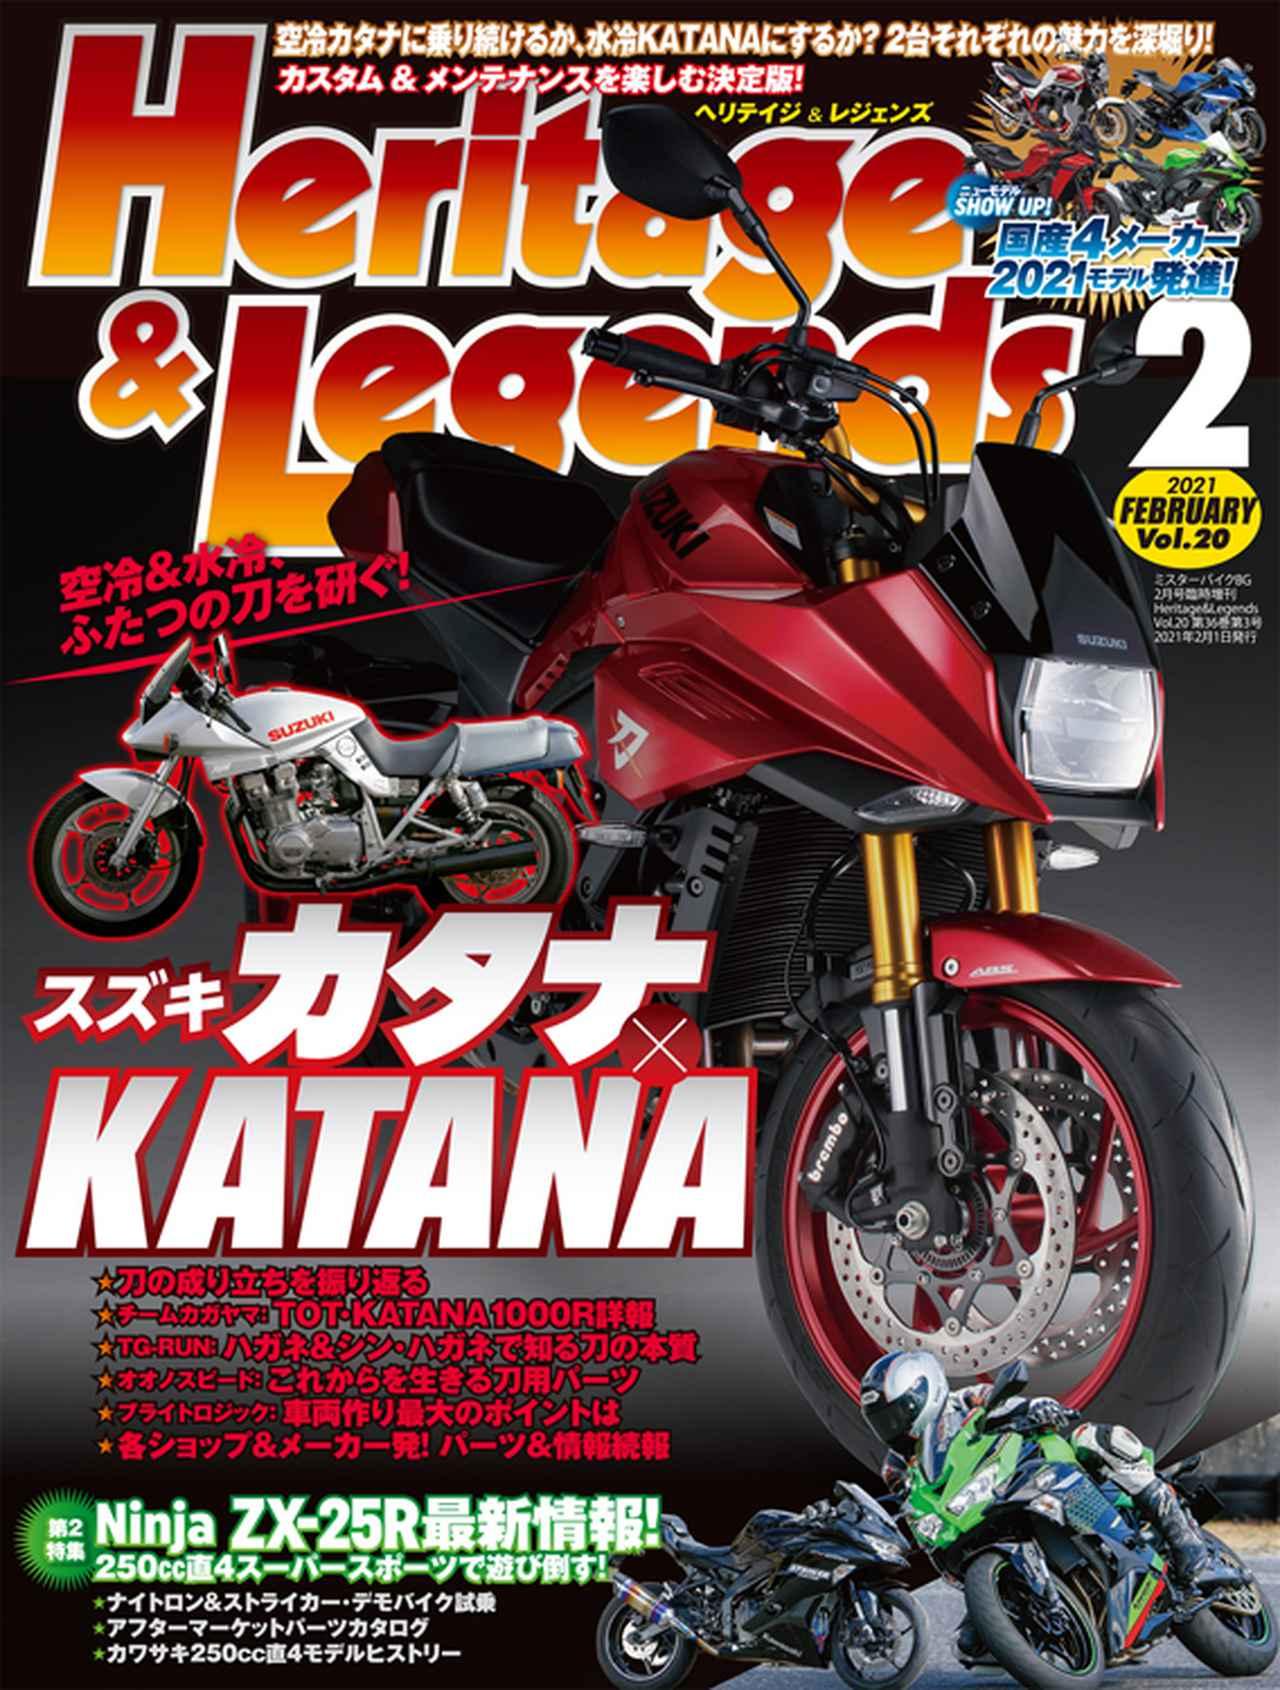 画像: 月刊『ヘリテイジ&レジェンズ』2021年2月号(Vol.20)好評発売中!  ヘリテイジ&レジェンズ Heritage& Legends